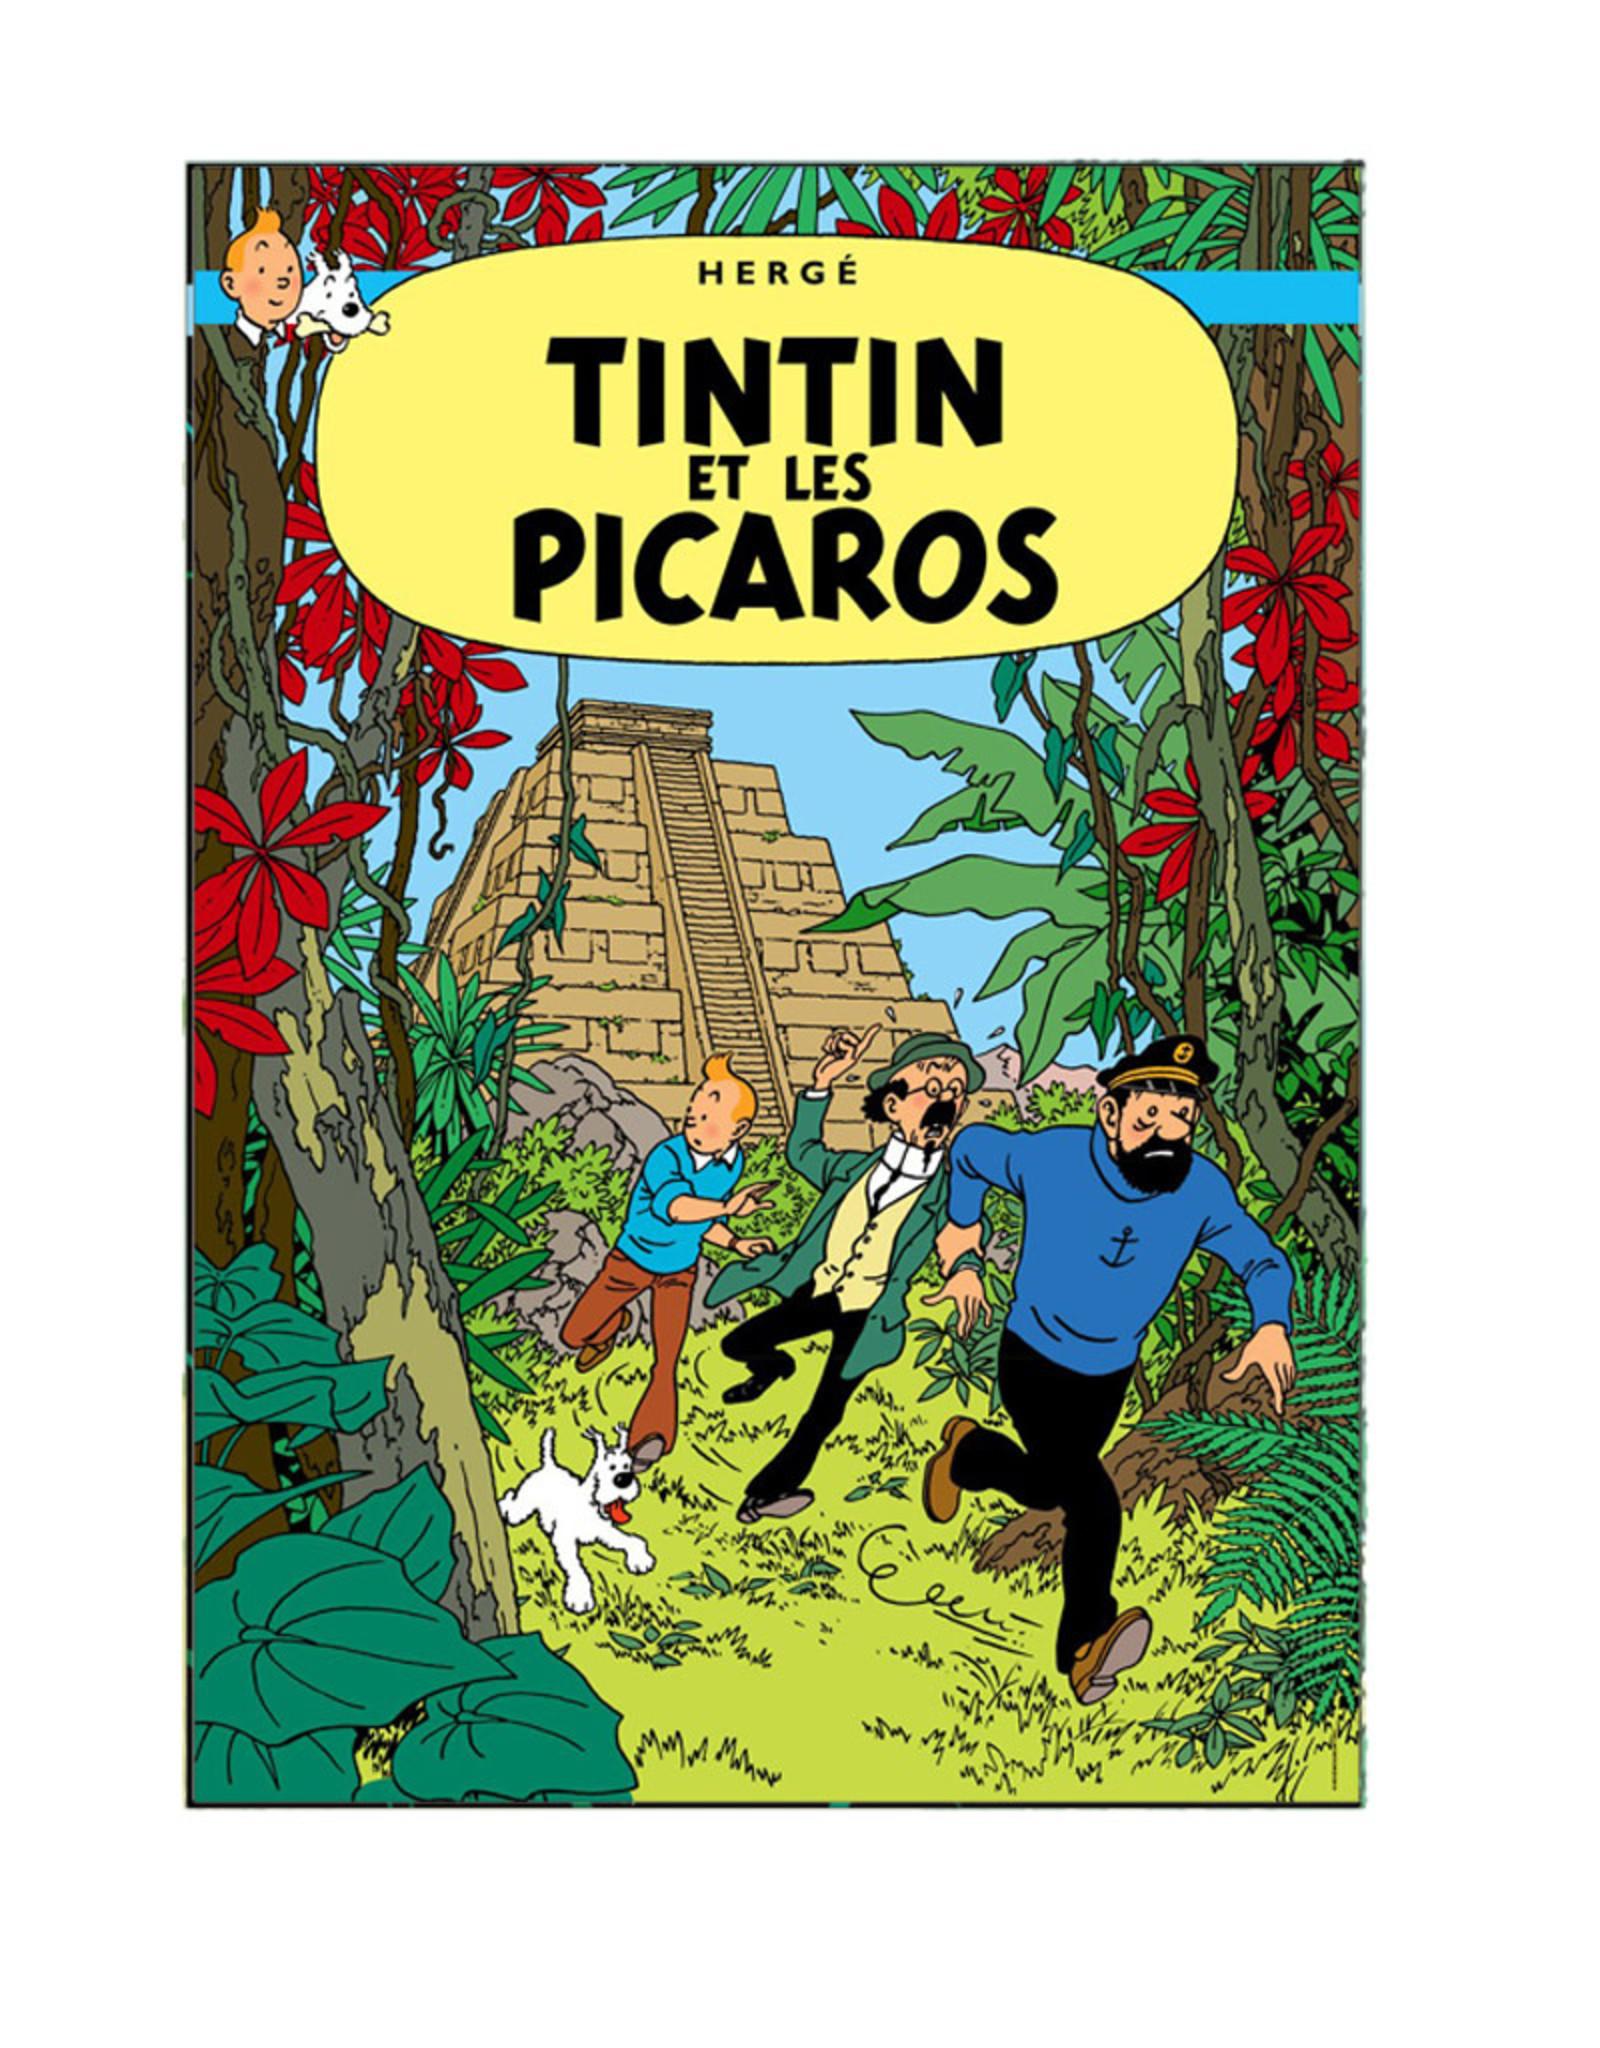 Tintin Tintin ( BD #23 ) Tintin et les Picaros